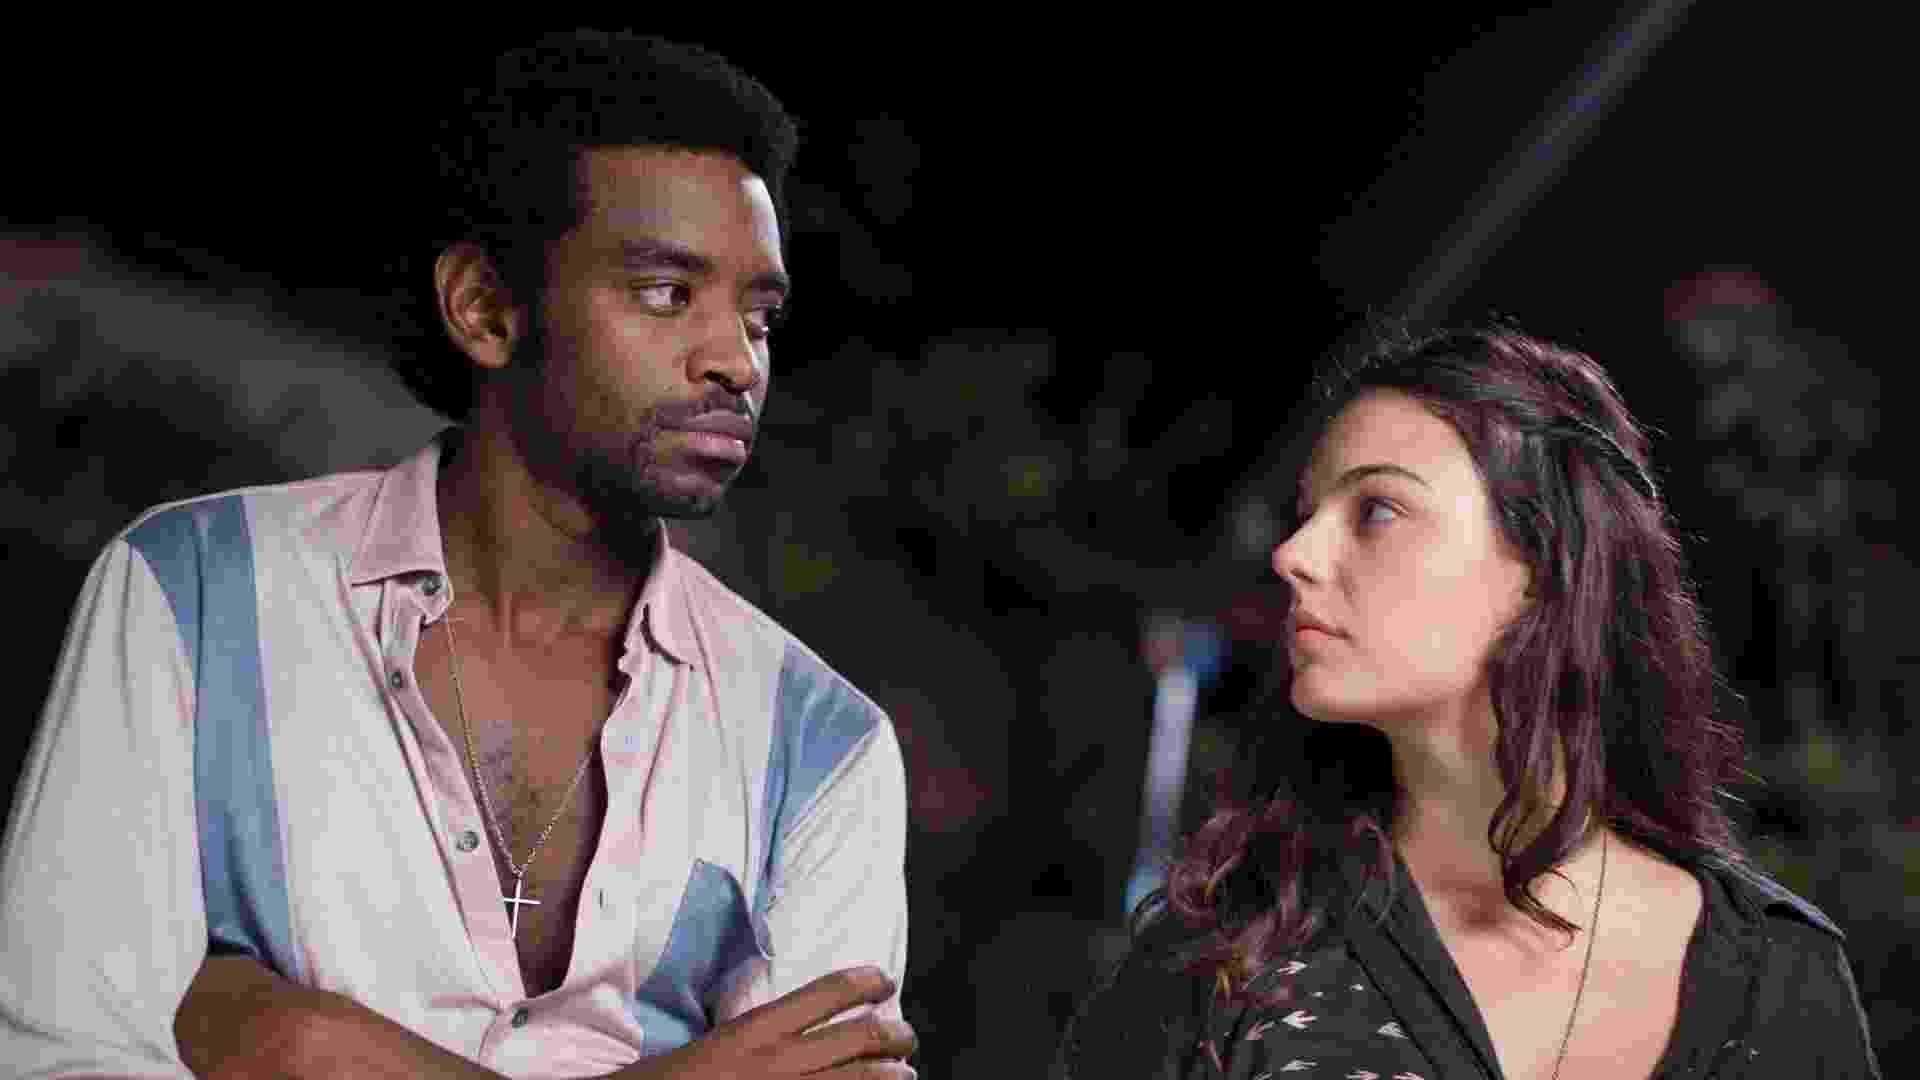 João conhece a bela Maria Lúcia (Isis Valverde). Os dois se apaixonam mas João mergulha cada vez mais no crime - Divulgação